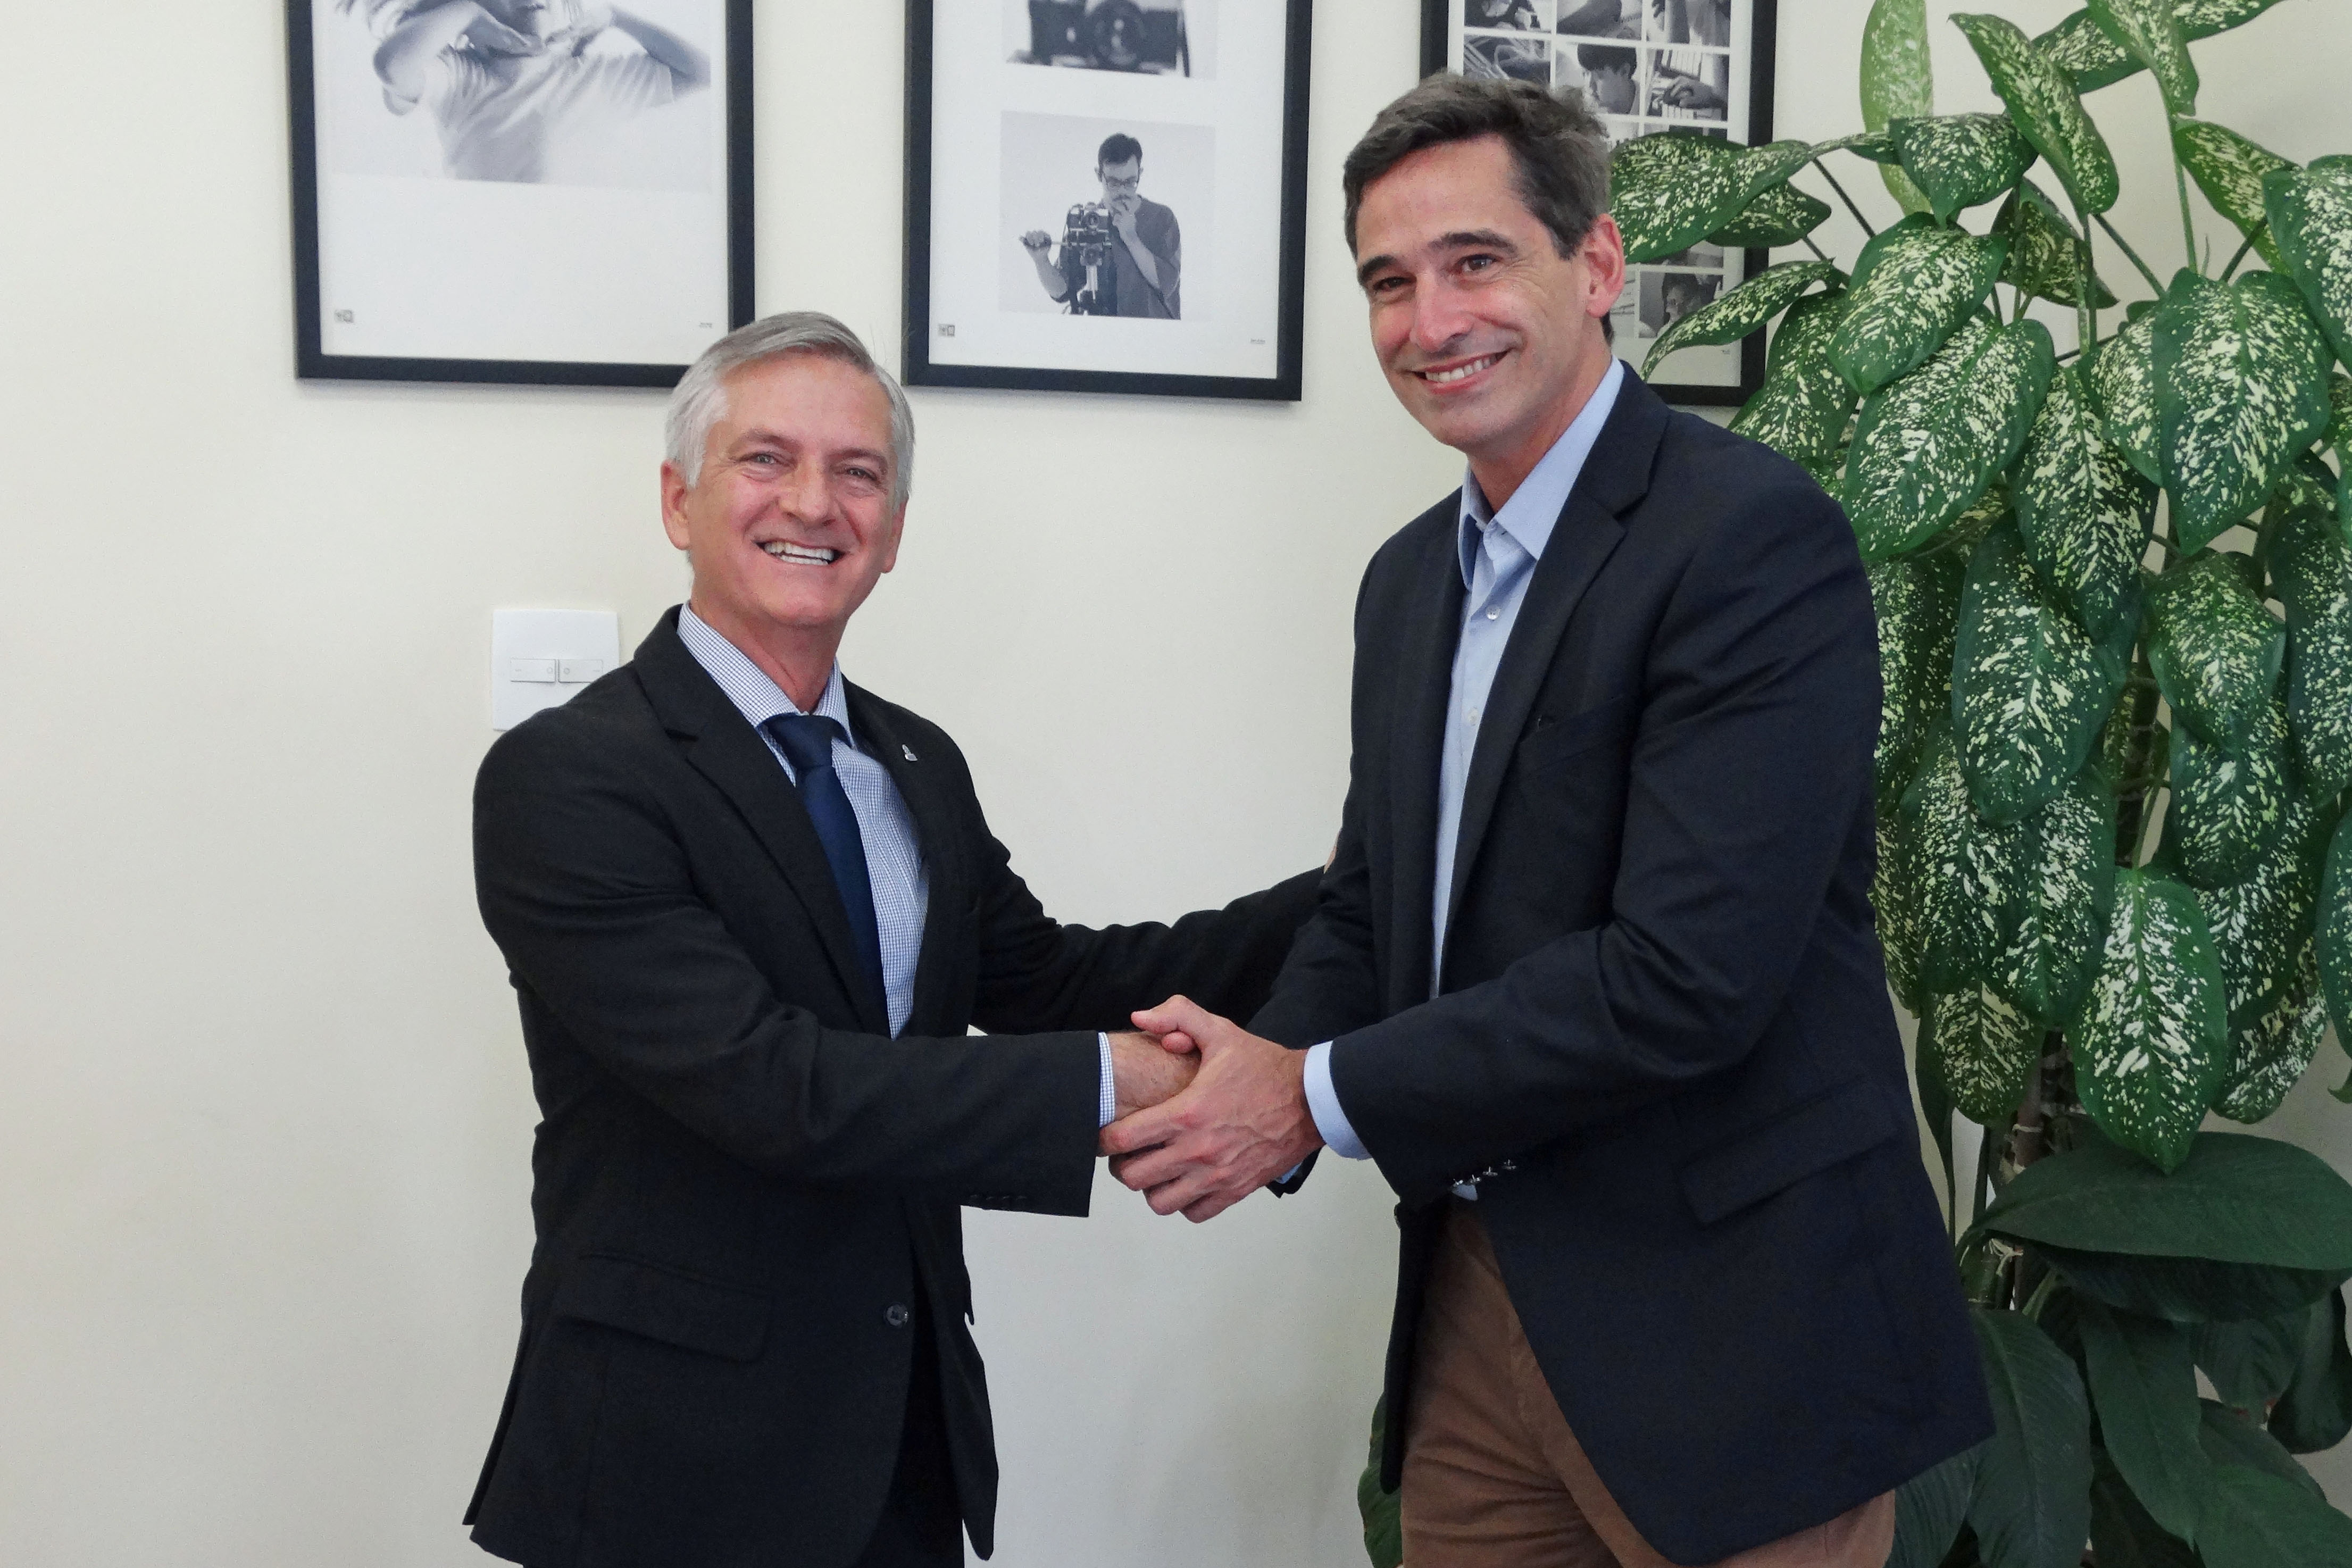 UNIFEBE e APAE DE SÃO PAULO firmam parceria em prol da educação inclusiva